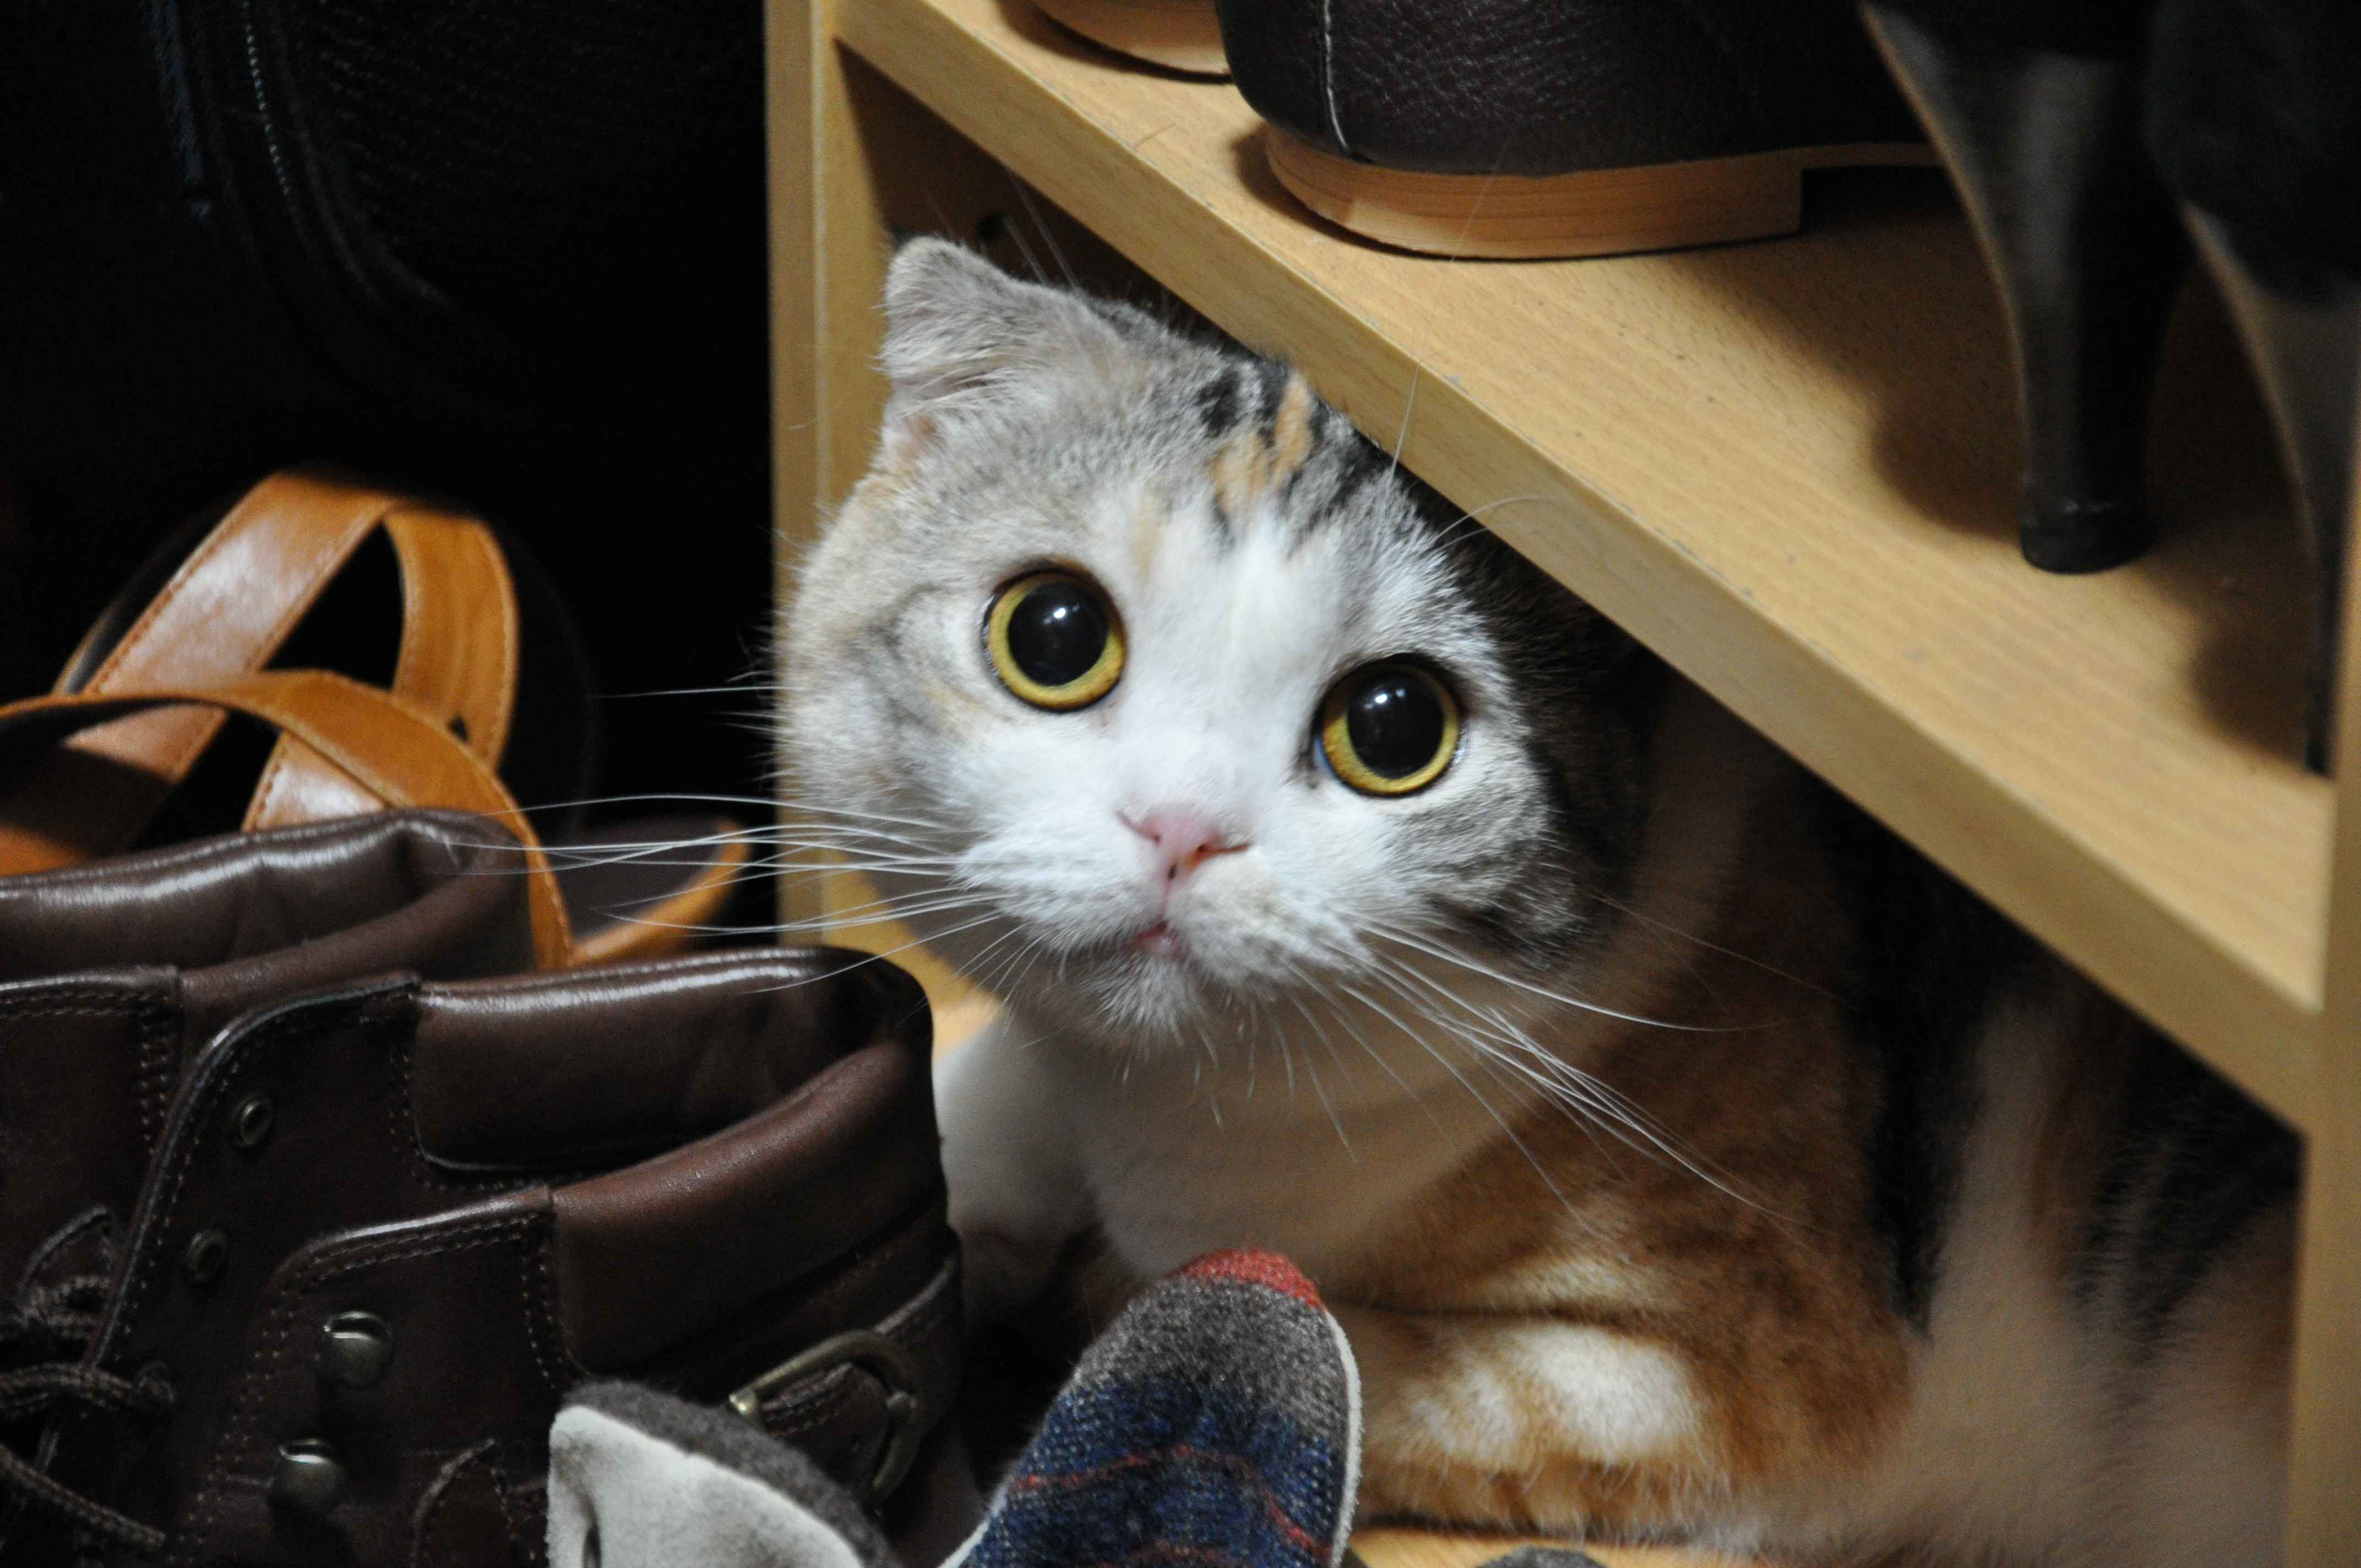 スコティッシュフォールドの日常【家猫の特徴】